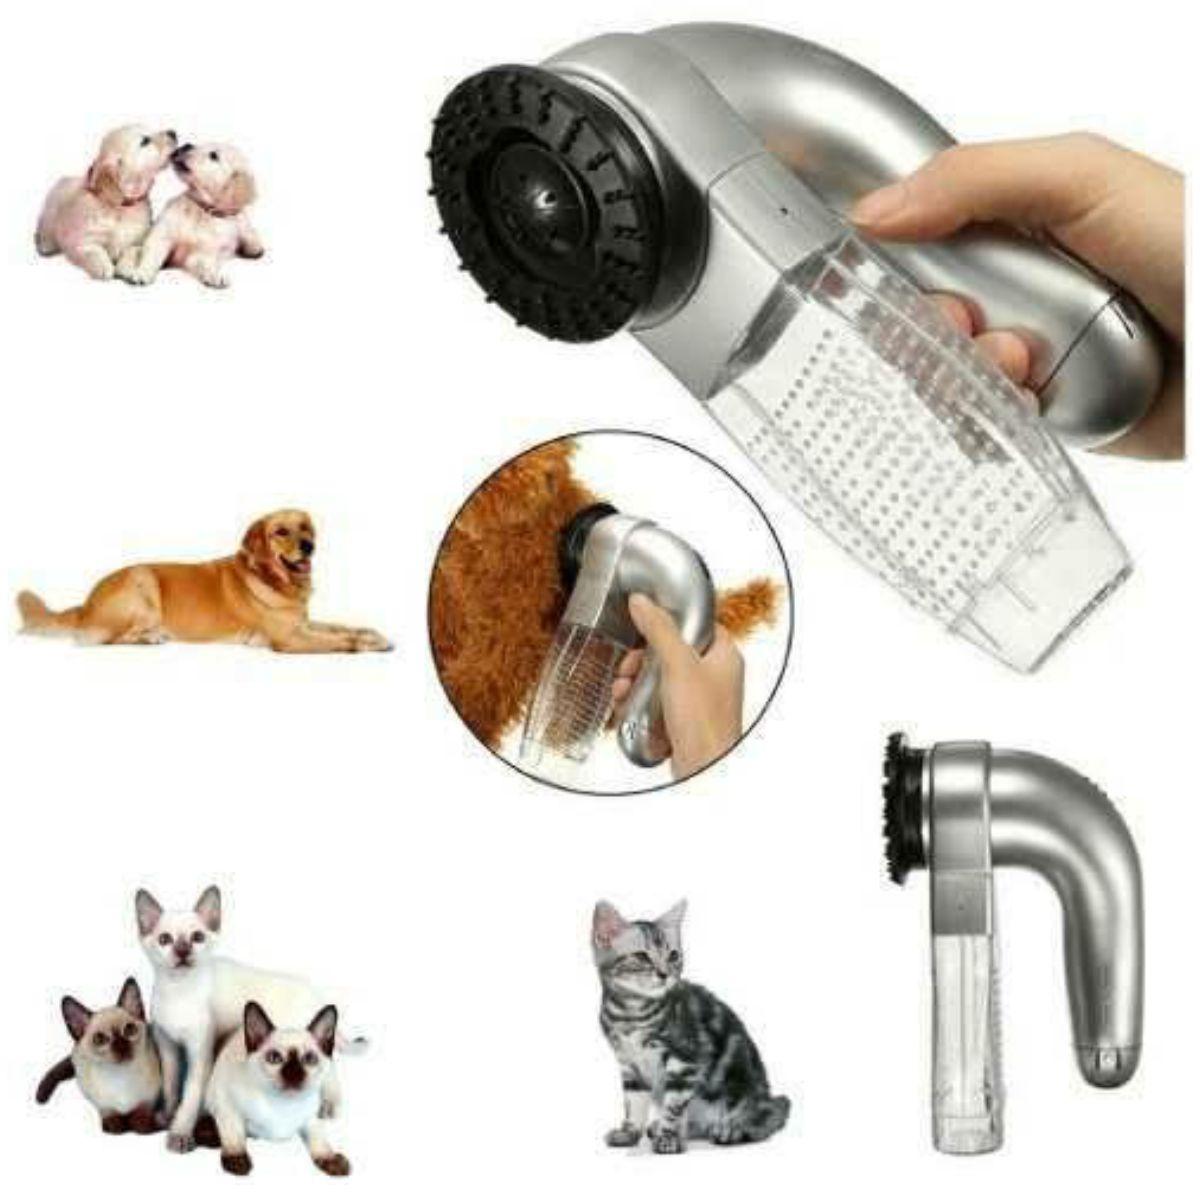 Aspirador de Pelo portátil para Pet cão e gato Shed Pal